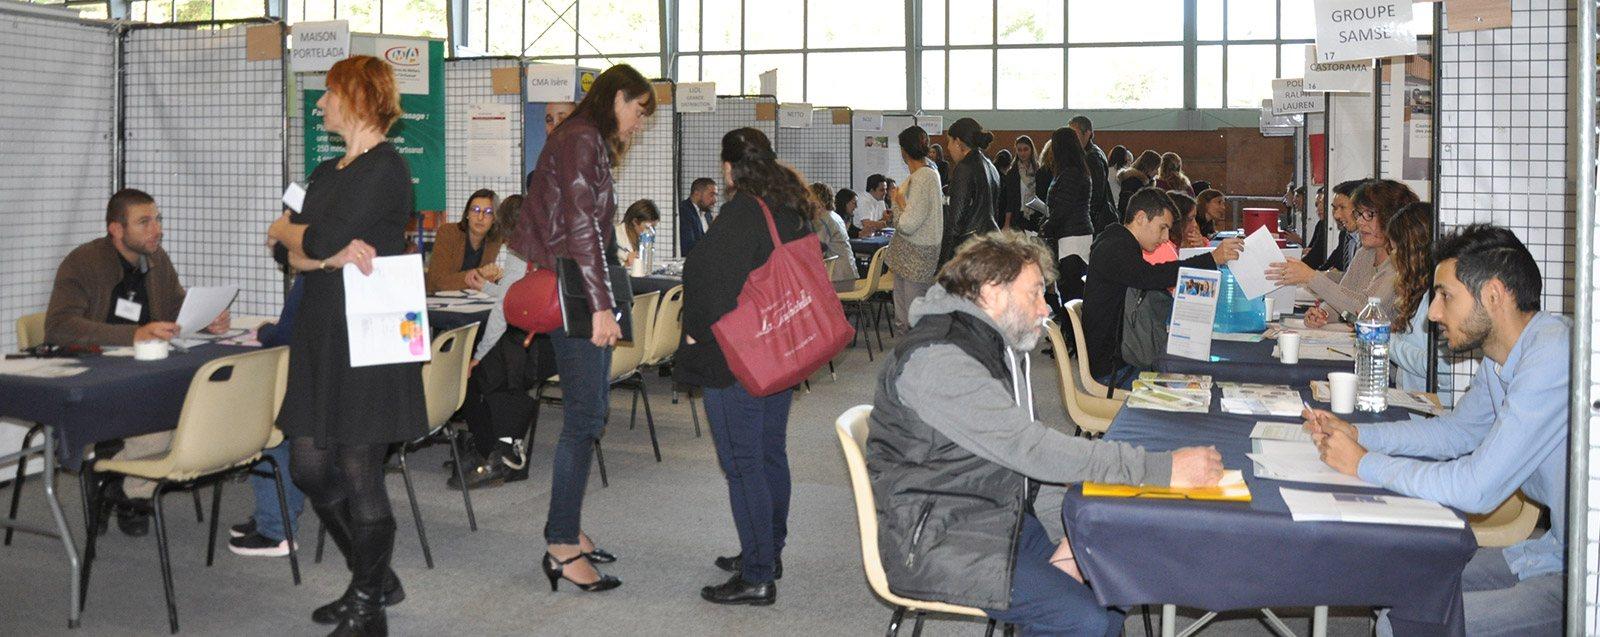 Forum de l'emploi du 11 octobre 2018 à Villefontaine